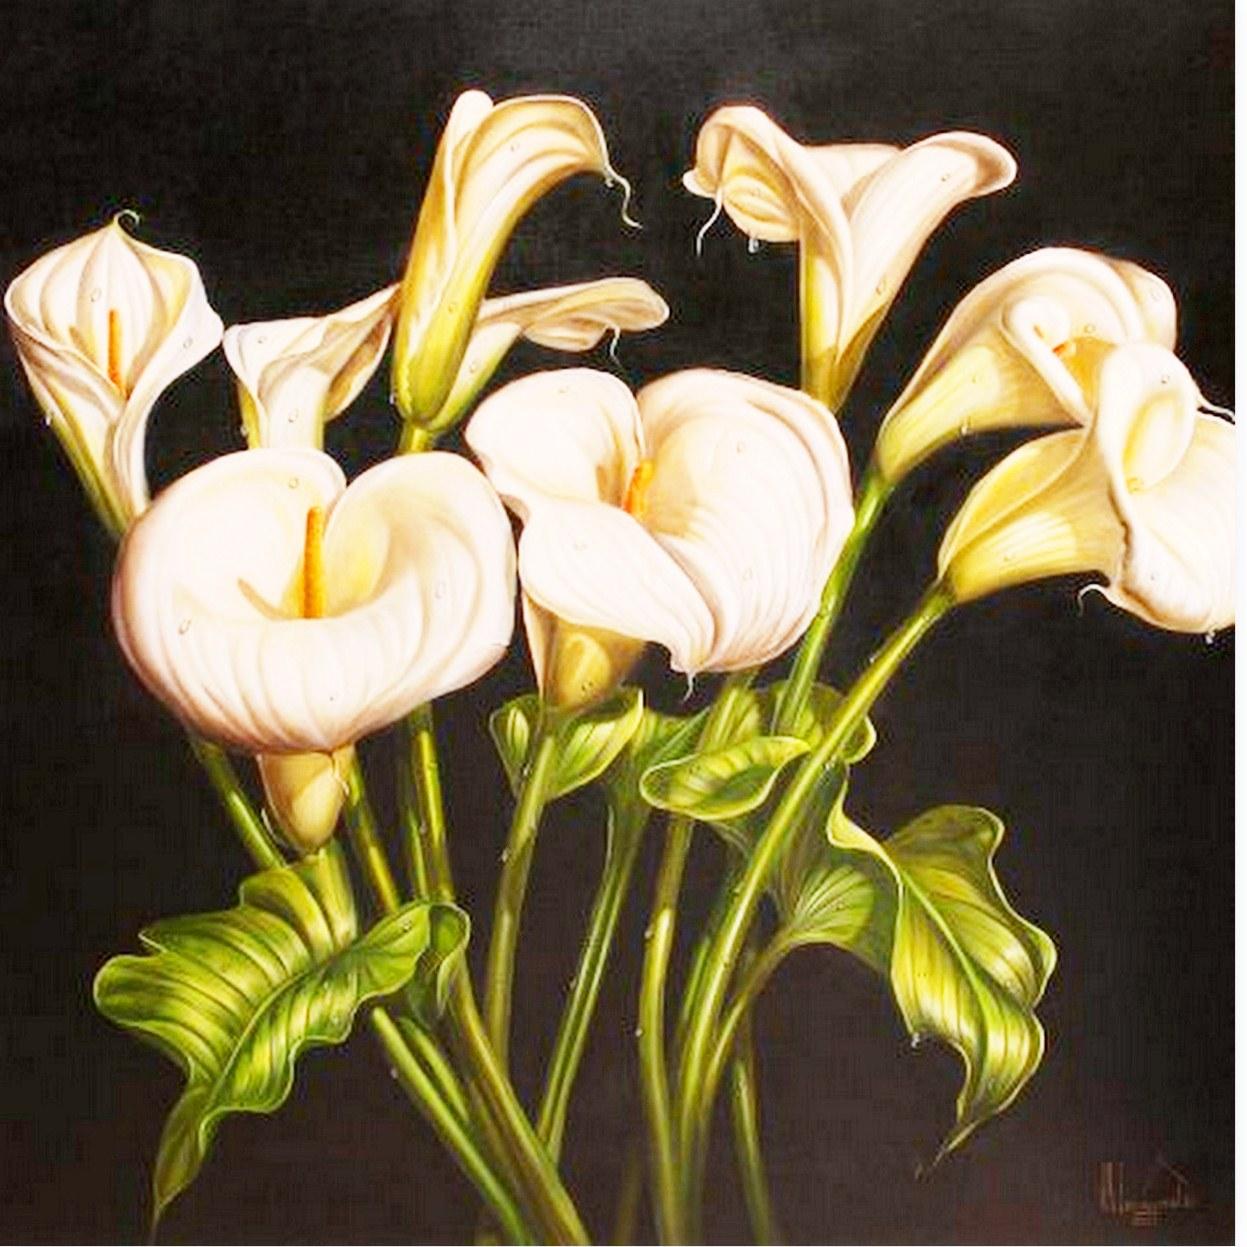 Arte Pinturas Óleo: Imágenes de Flores Pintadas al Óleo